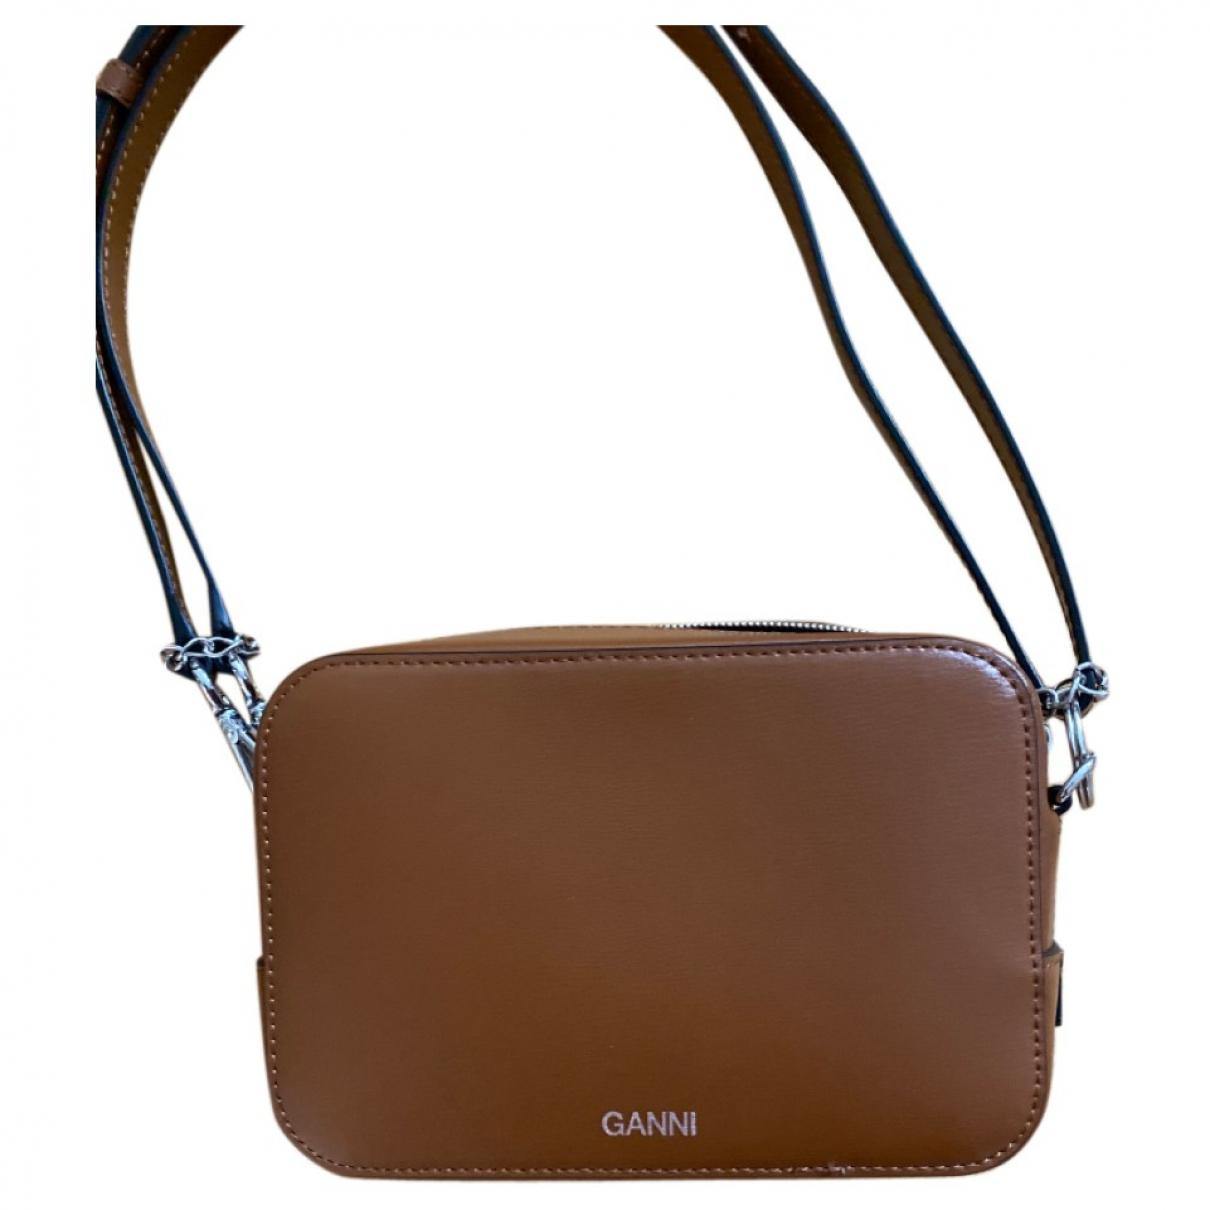 Ganni \N Handtasche in  Braun Leder